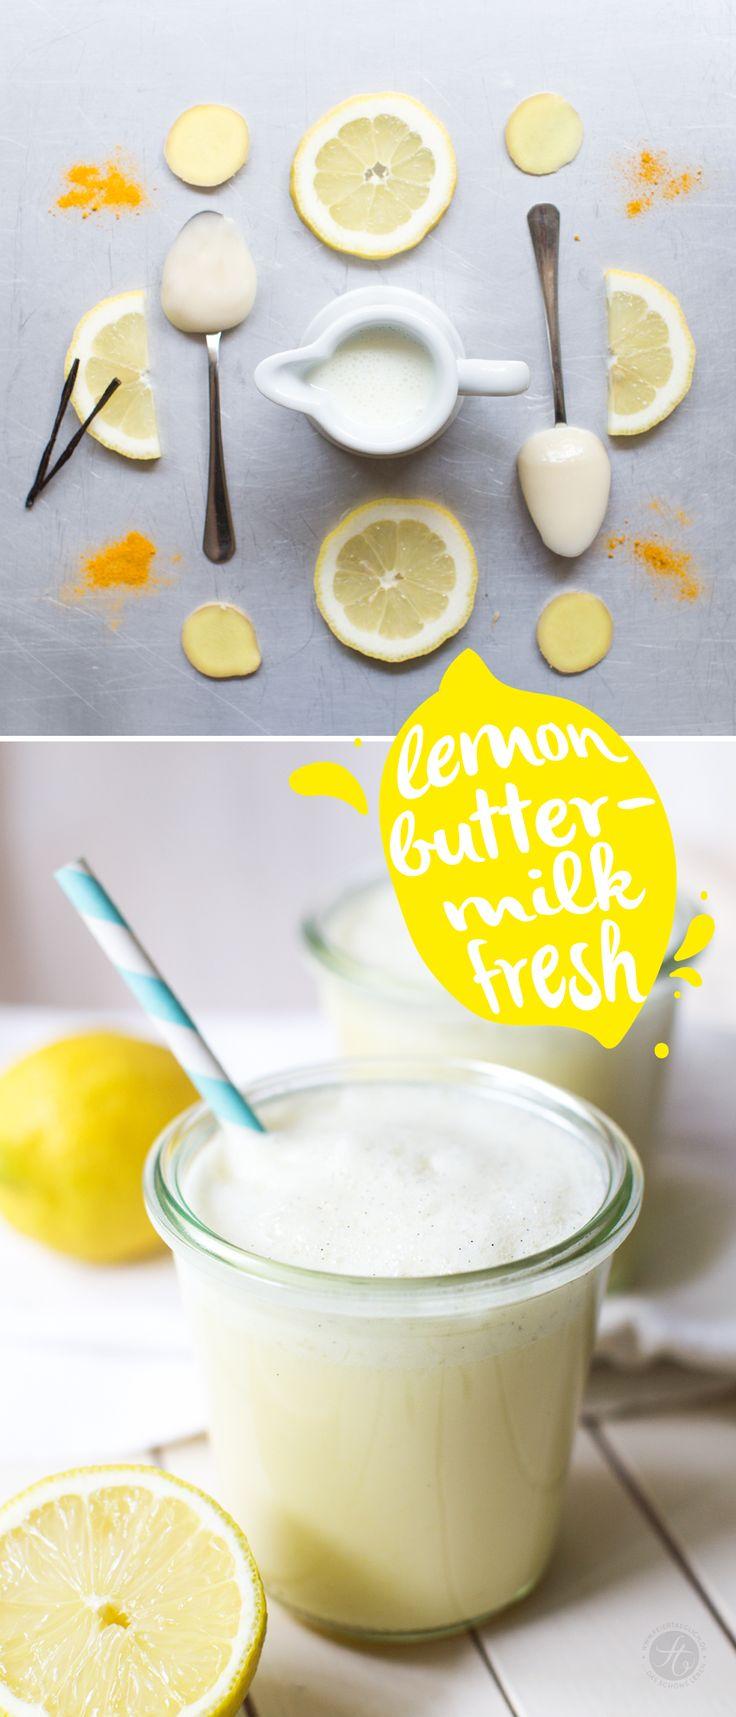 Lemon-Buttermilk-fresh Shake, Rezept von feiertaeglich.de, #SmoothieMontag